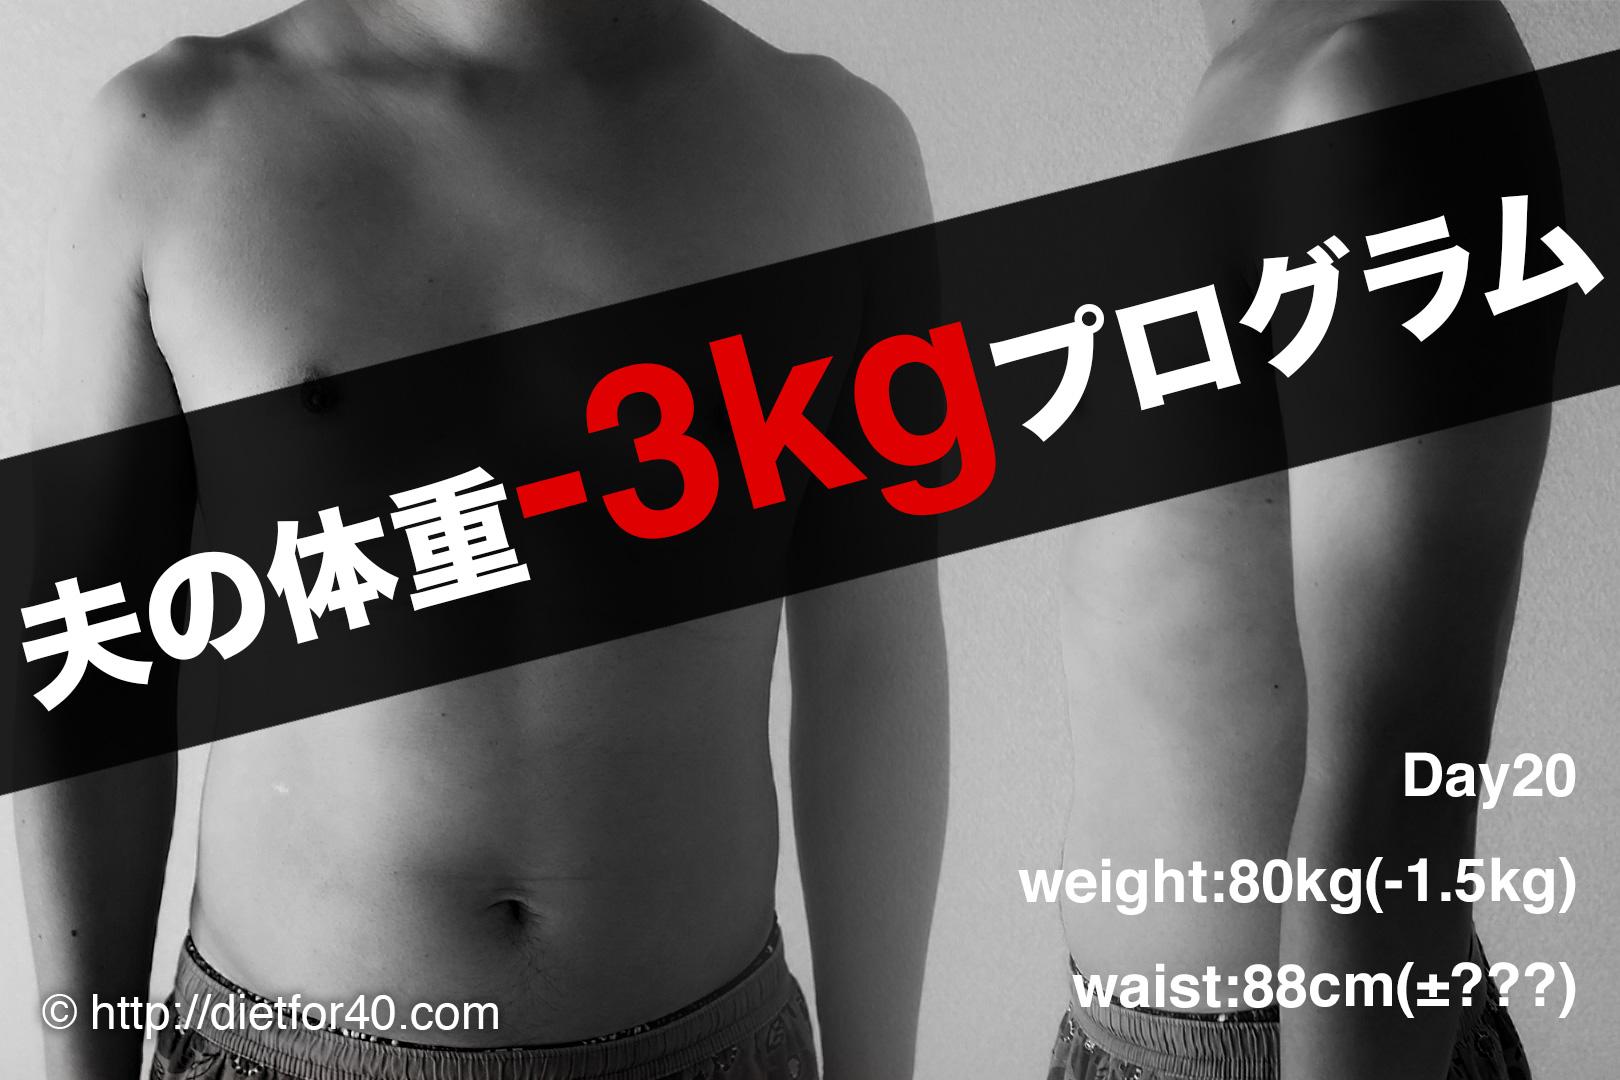 otto-3kg